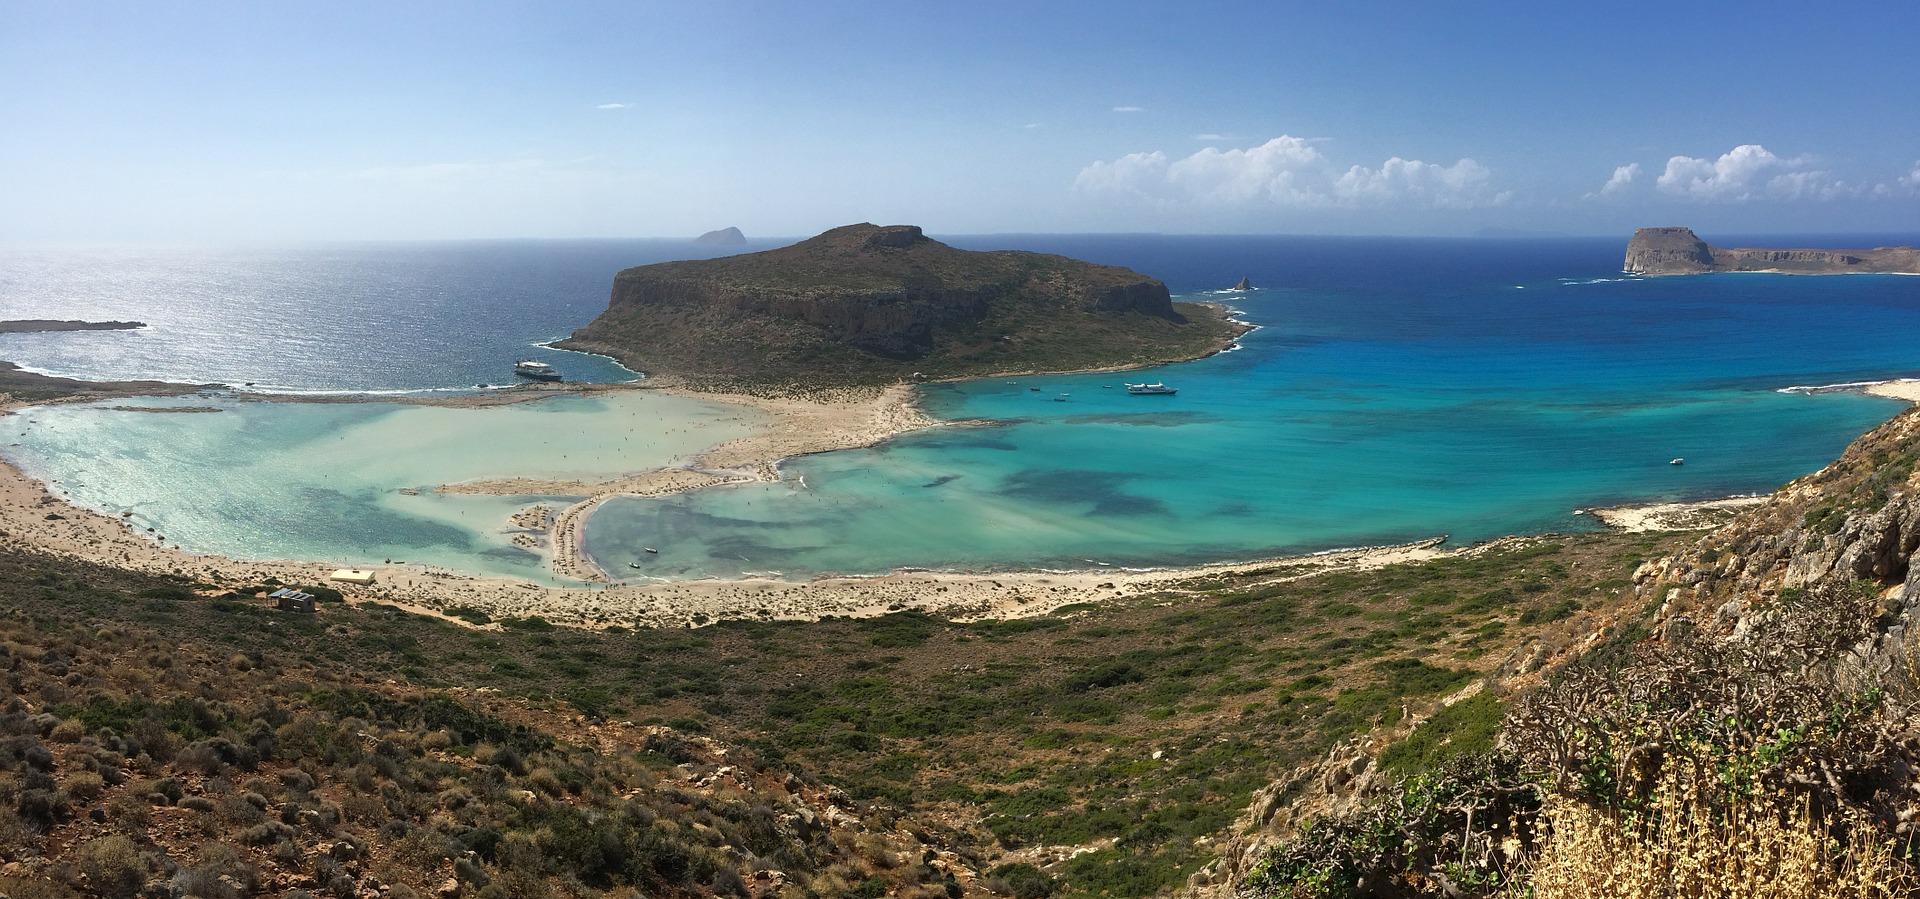 Kreta Infos & Wetter Urlaub in Griechenland - Informieren & Buchen